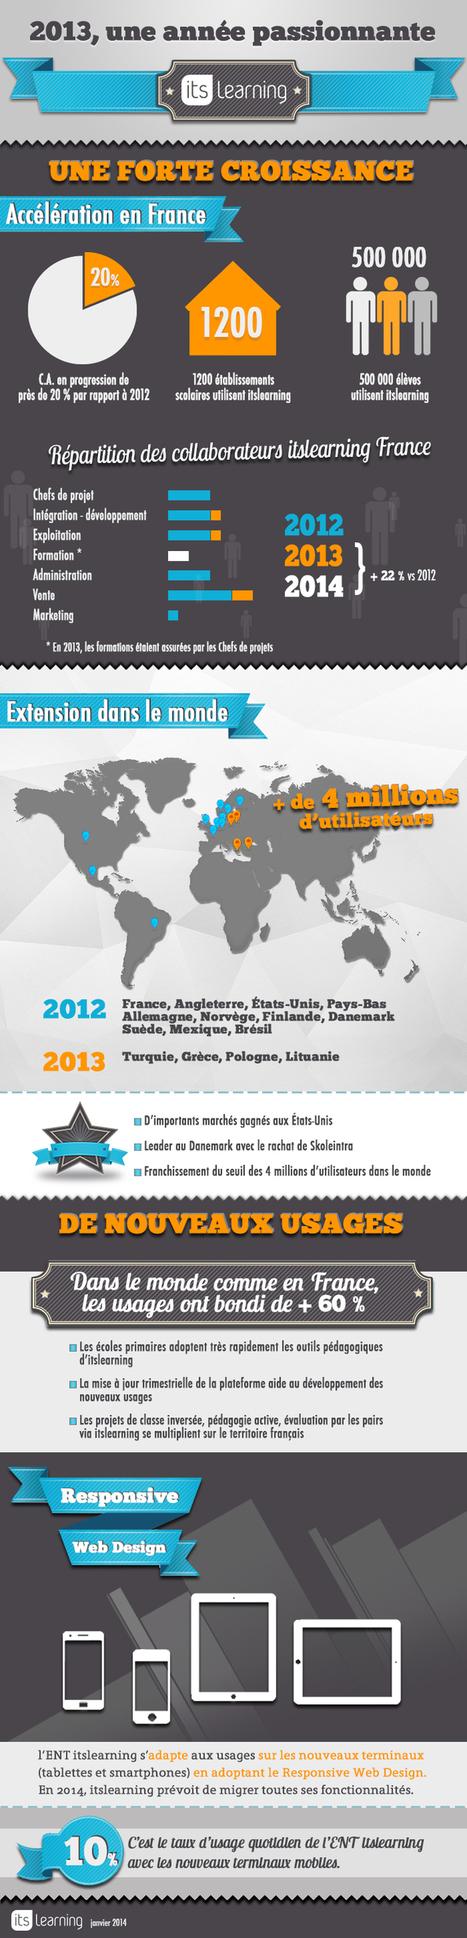 #infographie: Que c'est il passé en 2013 pour #itslearning ? | ENT | Scoop.it